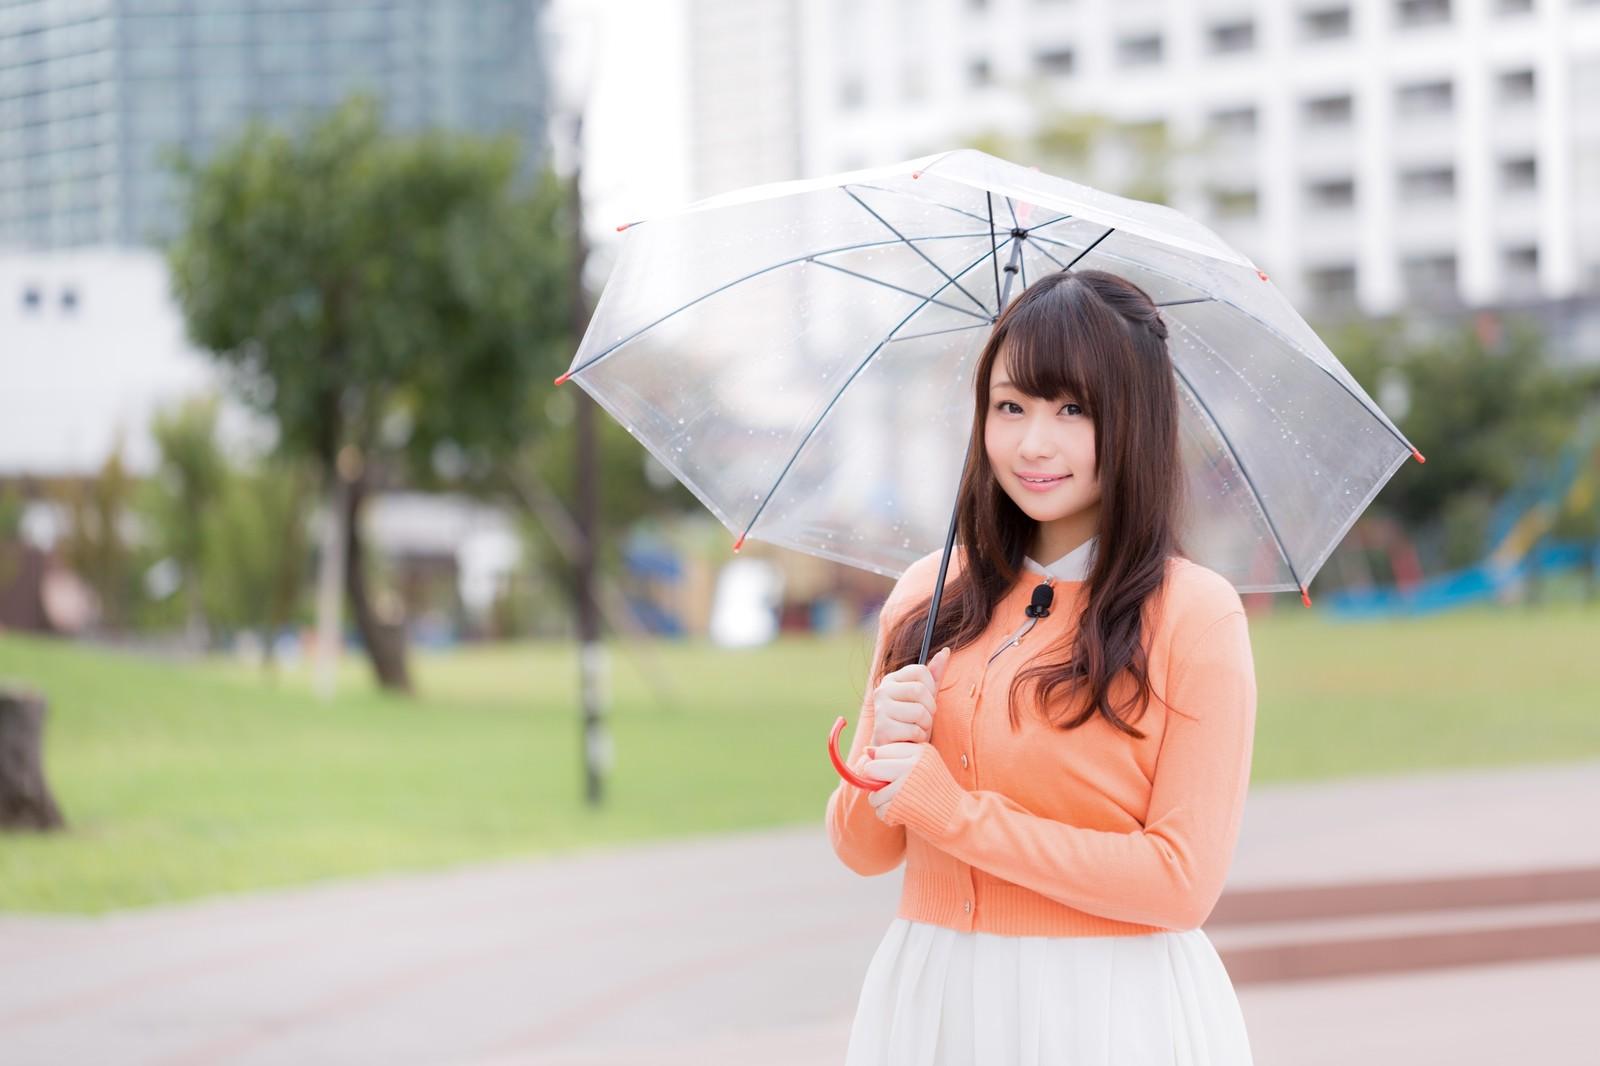 「雨の中、今日の天気を伝えるお姉さん雨の中、今日の天気を伝えるお姉さん」[モデル:茜さや]のフリー写真素材を拡大